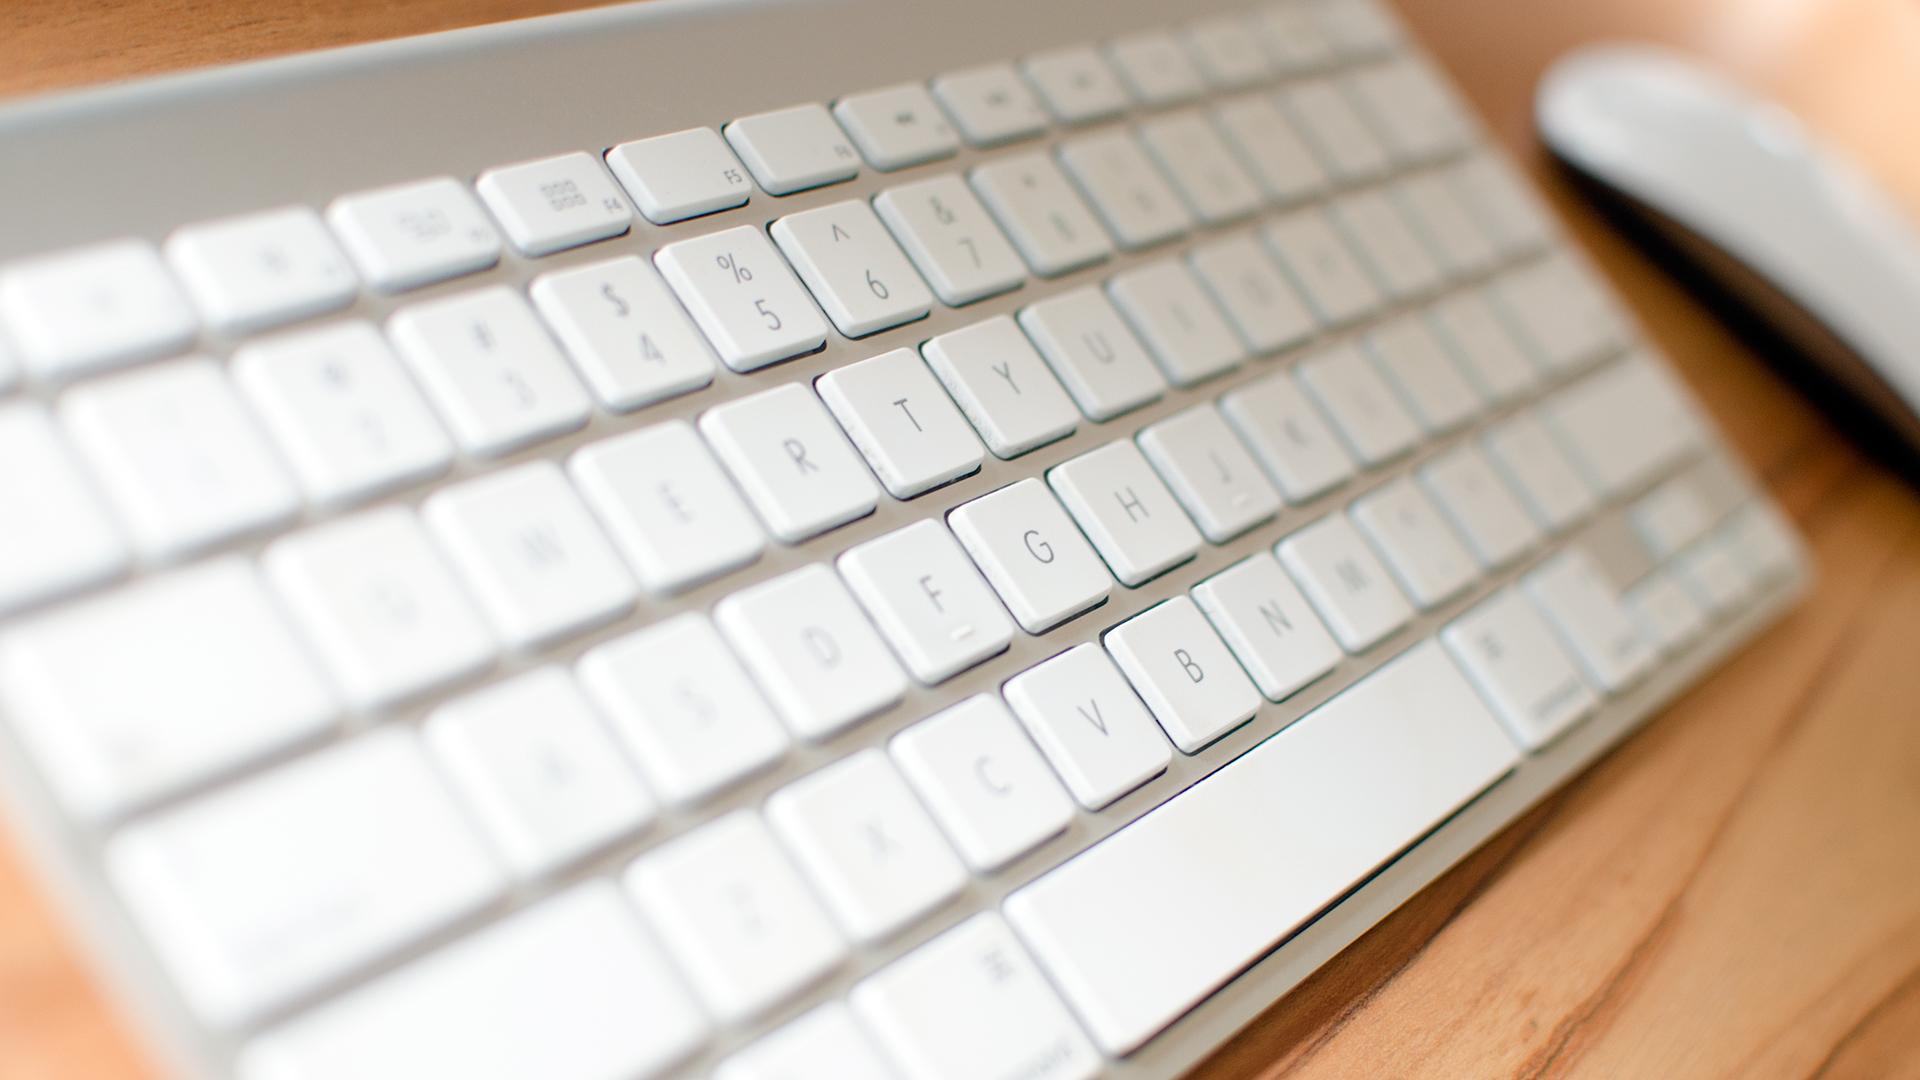 Windows To Mac: A Guide To Mac Keyboard Shortcuts How To Take A Screenshot